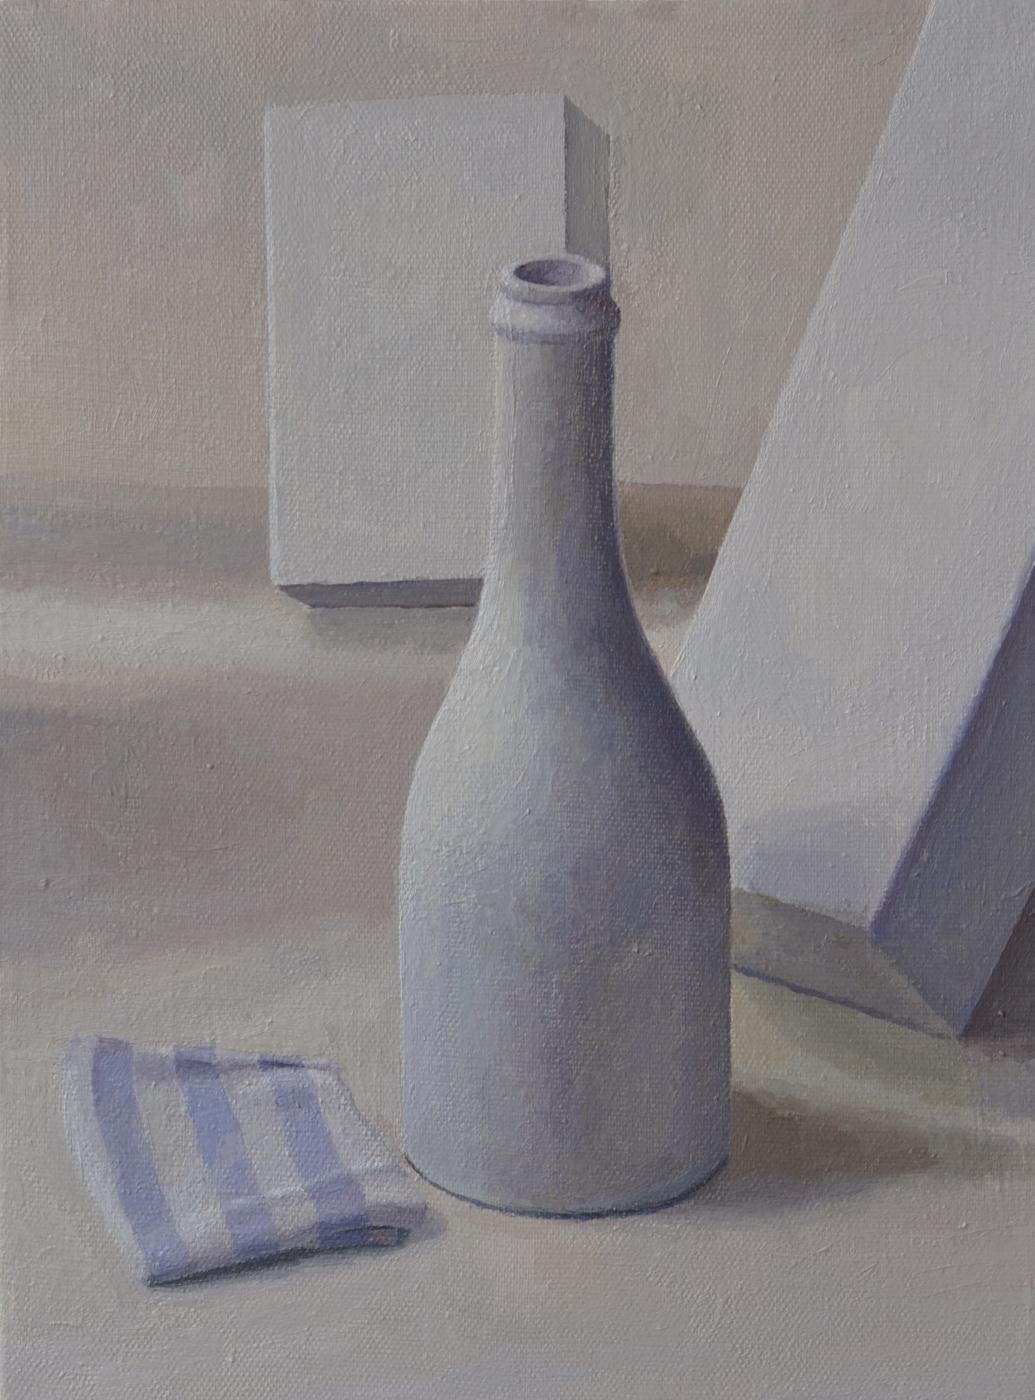 Pavel Viktorovich Petrov. Still life with white bottle